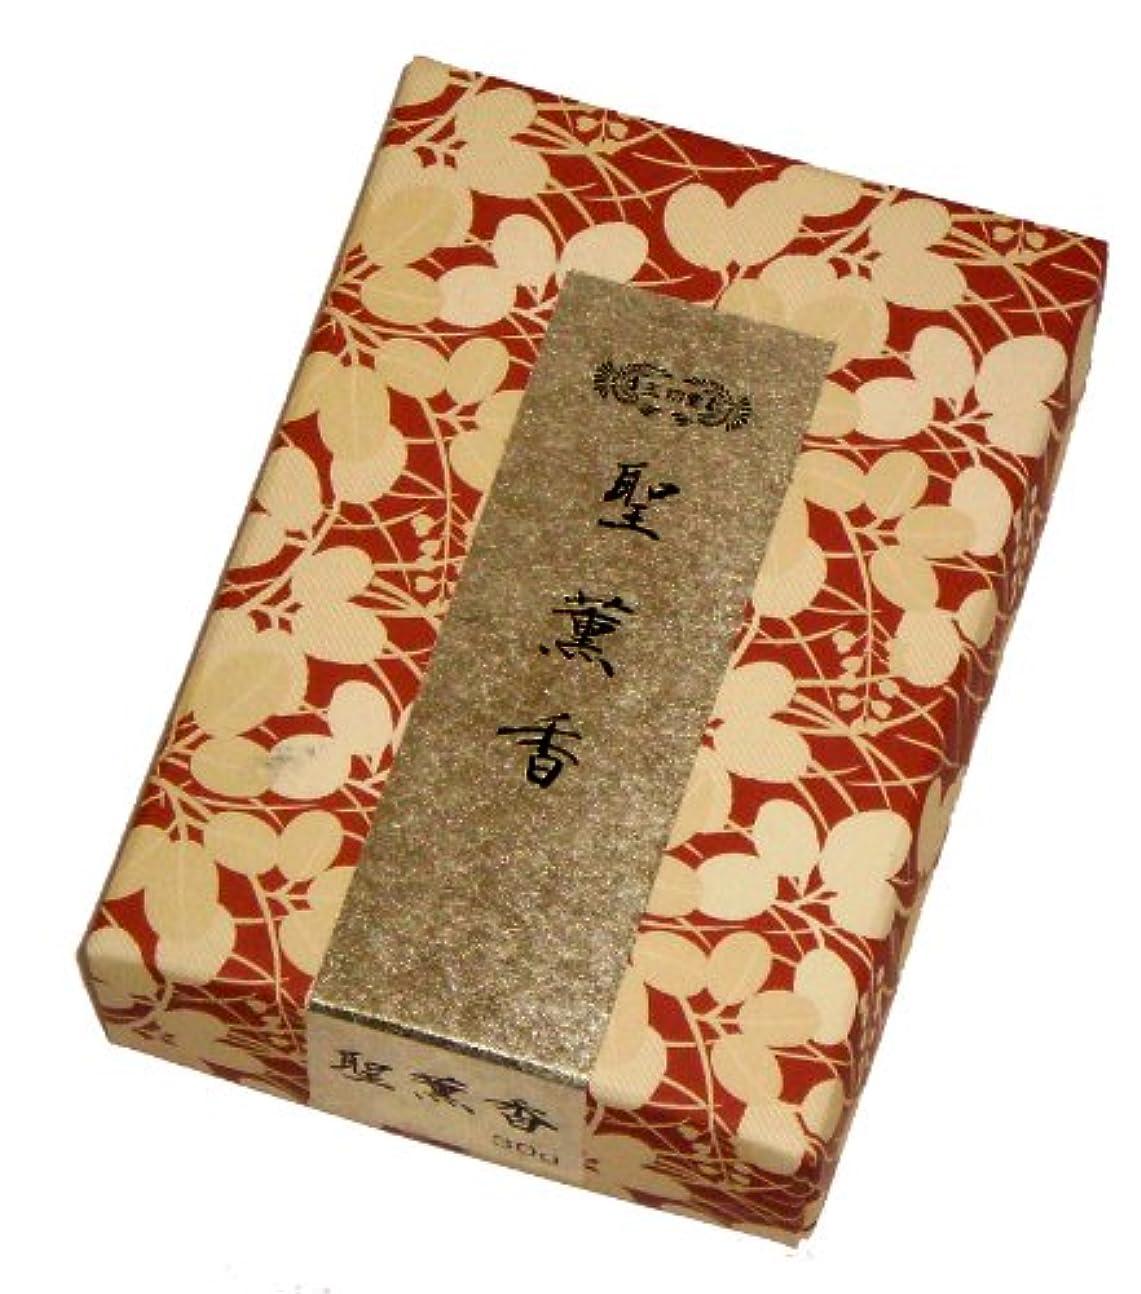 海嶺寝室アンドリューハリディ玉初堂のお香 聖薫香 30g #635